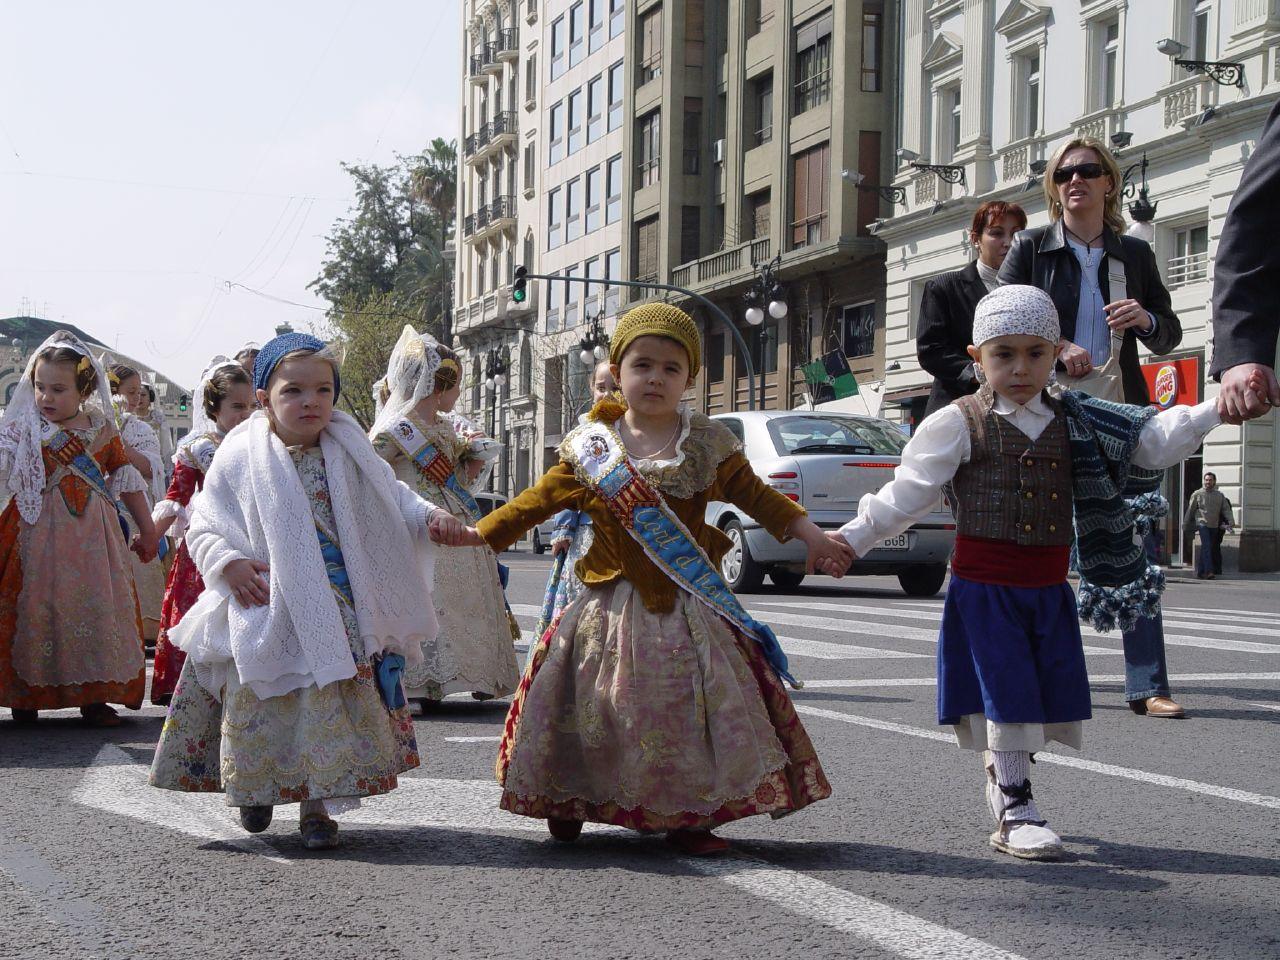 Детский парад в Валенсии